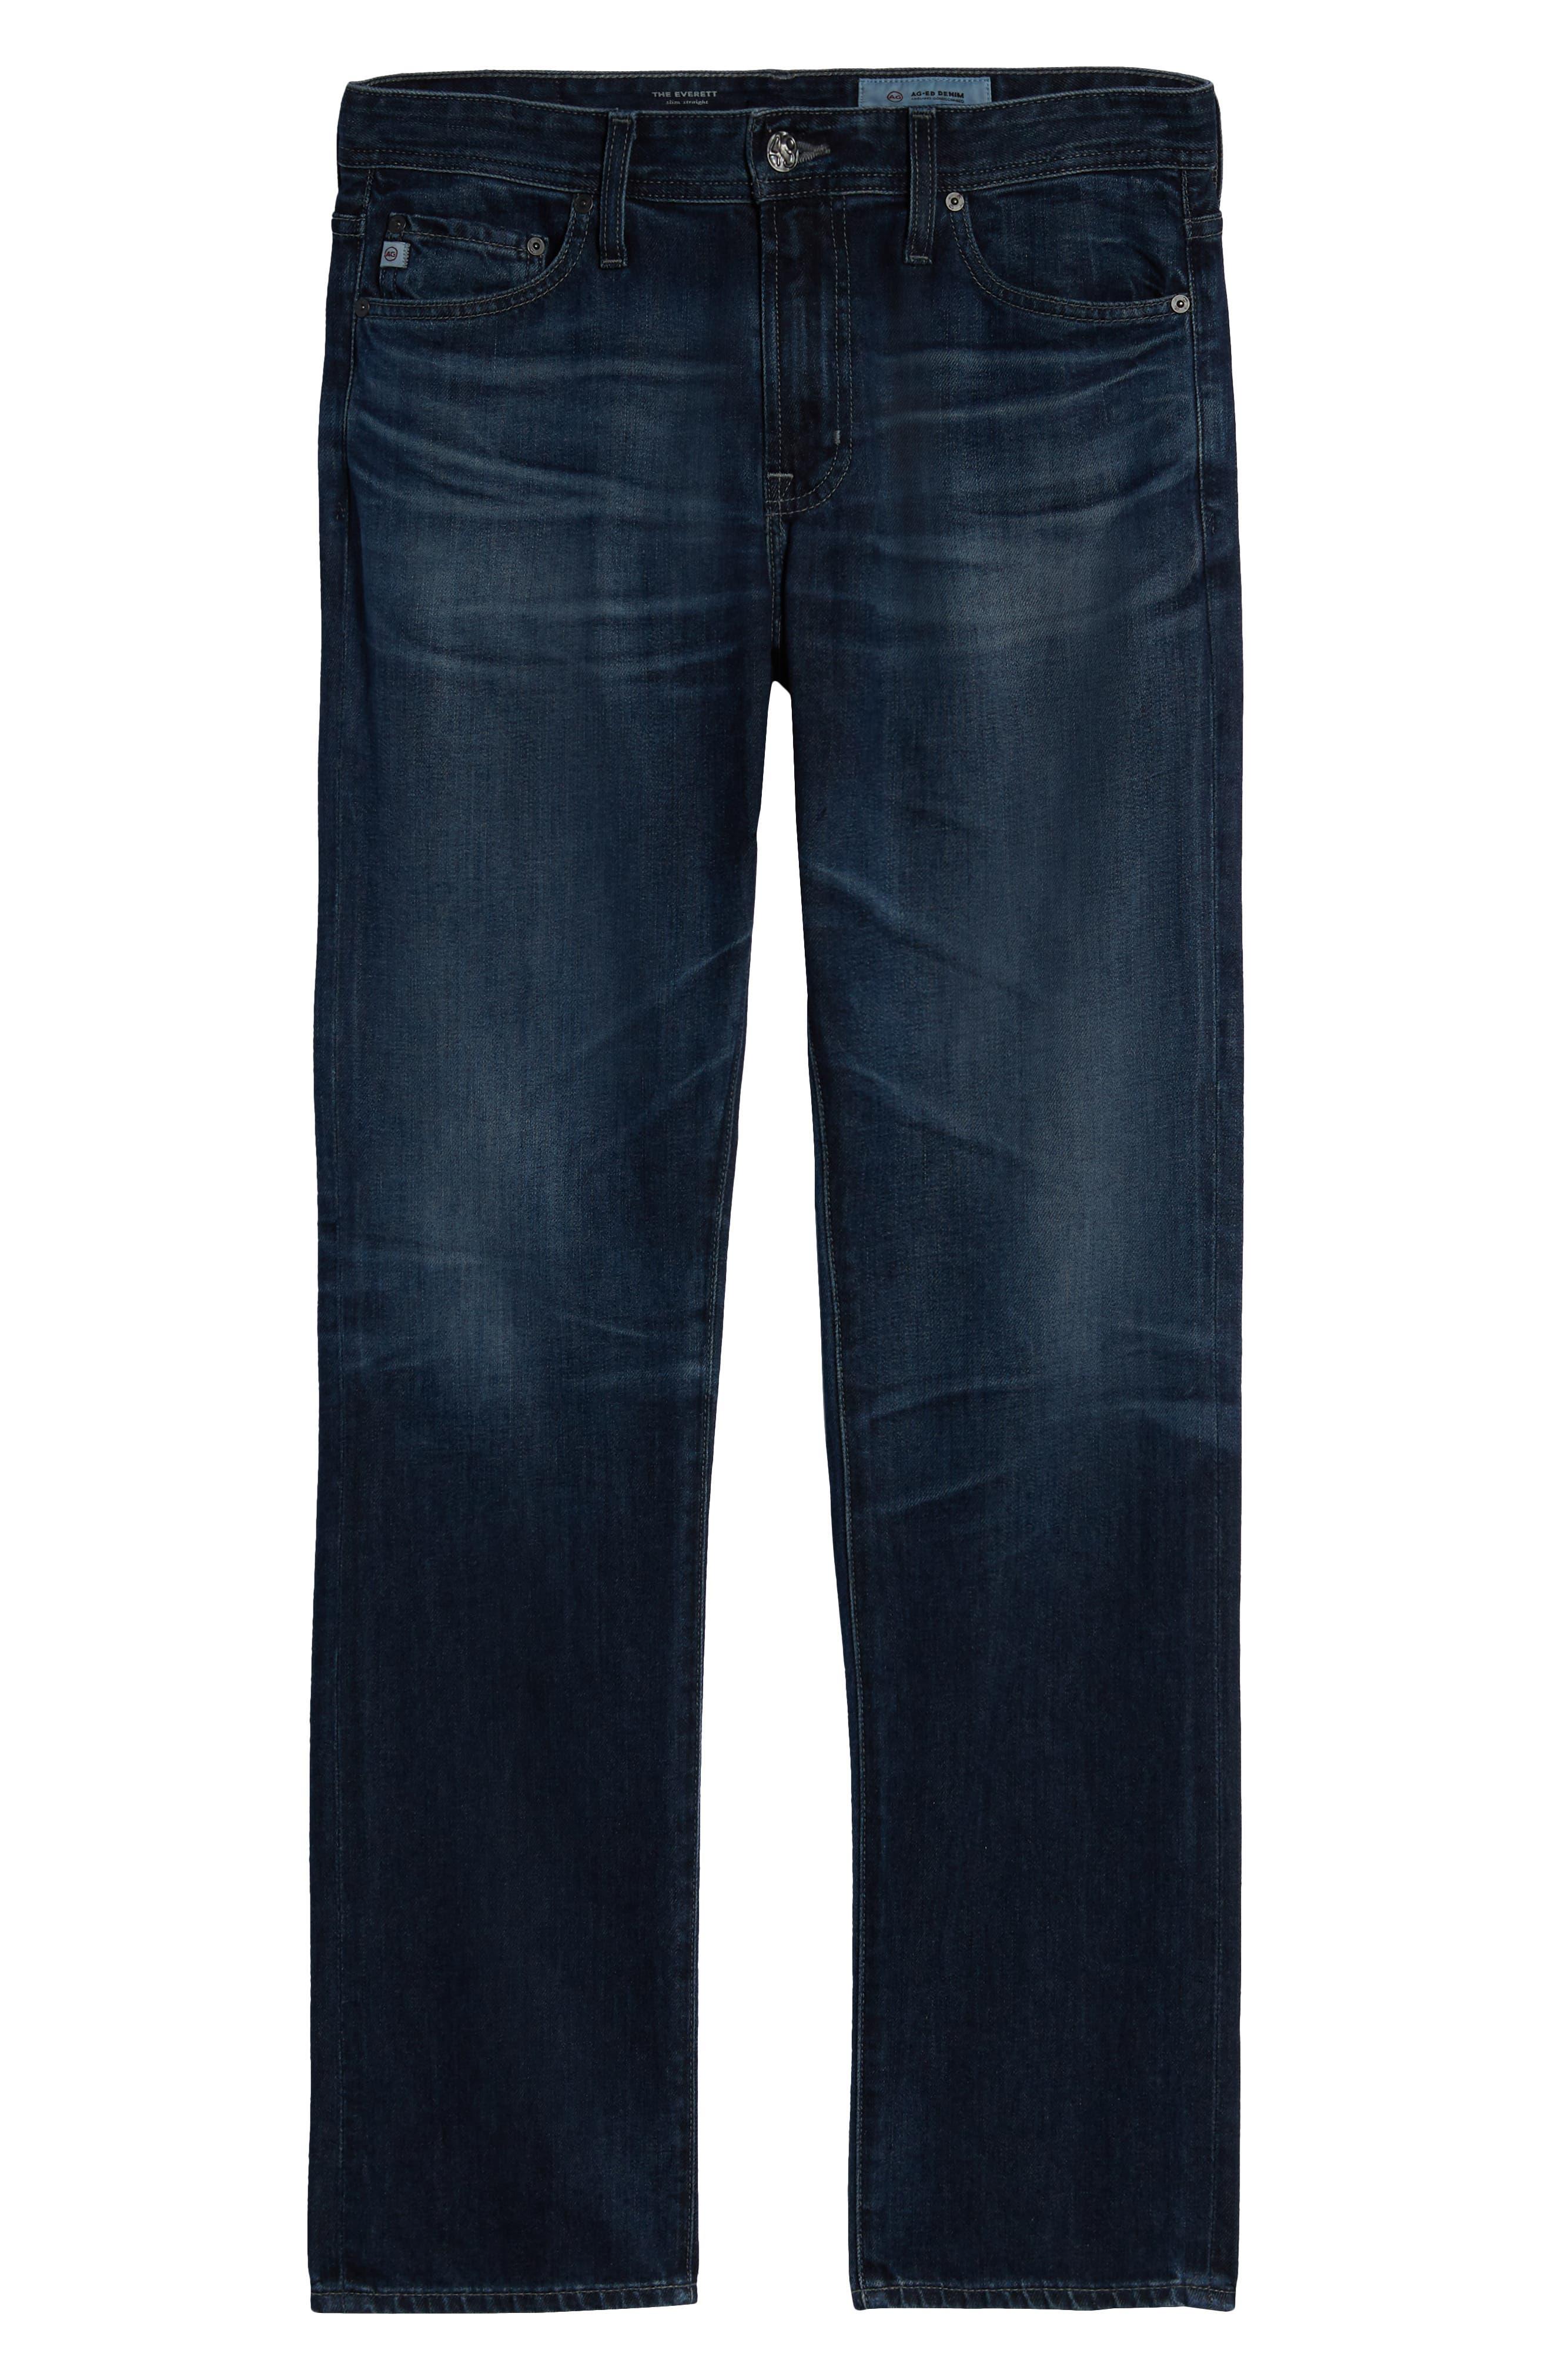 Everett Slim Straight Leg Jeans,                             Alternate thumbnail 6, color,                             7 YEARS PARK AVEUNE